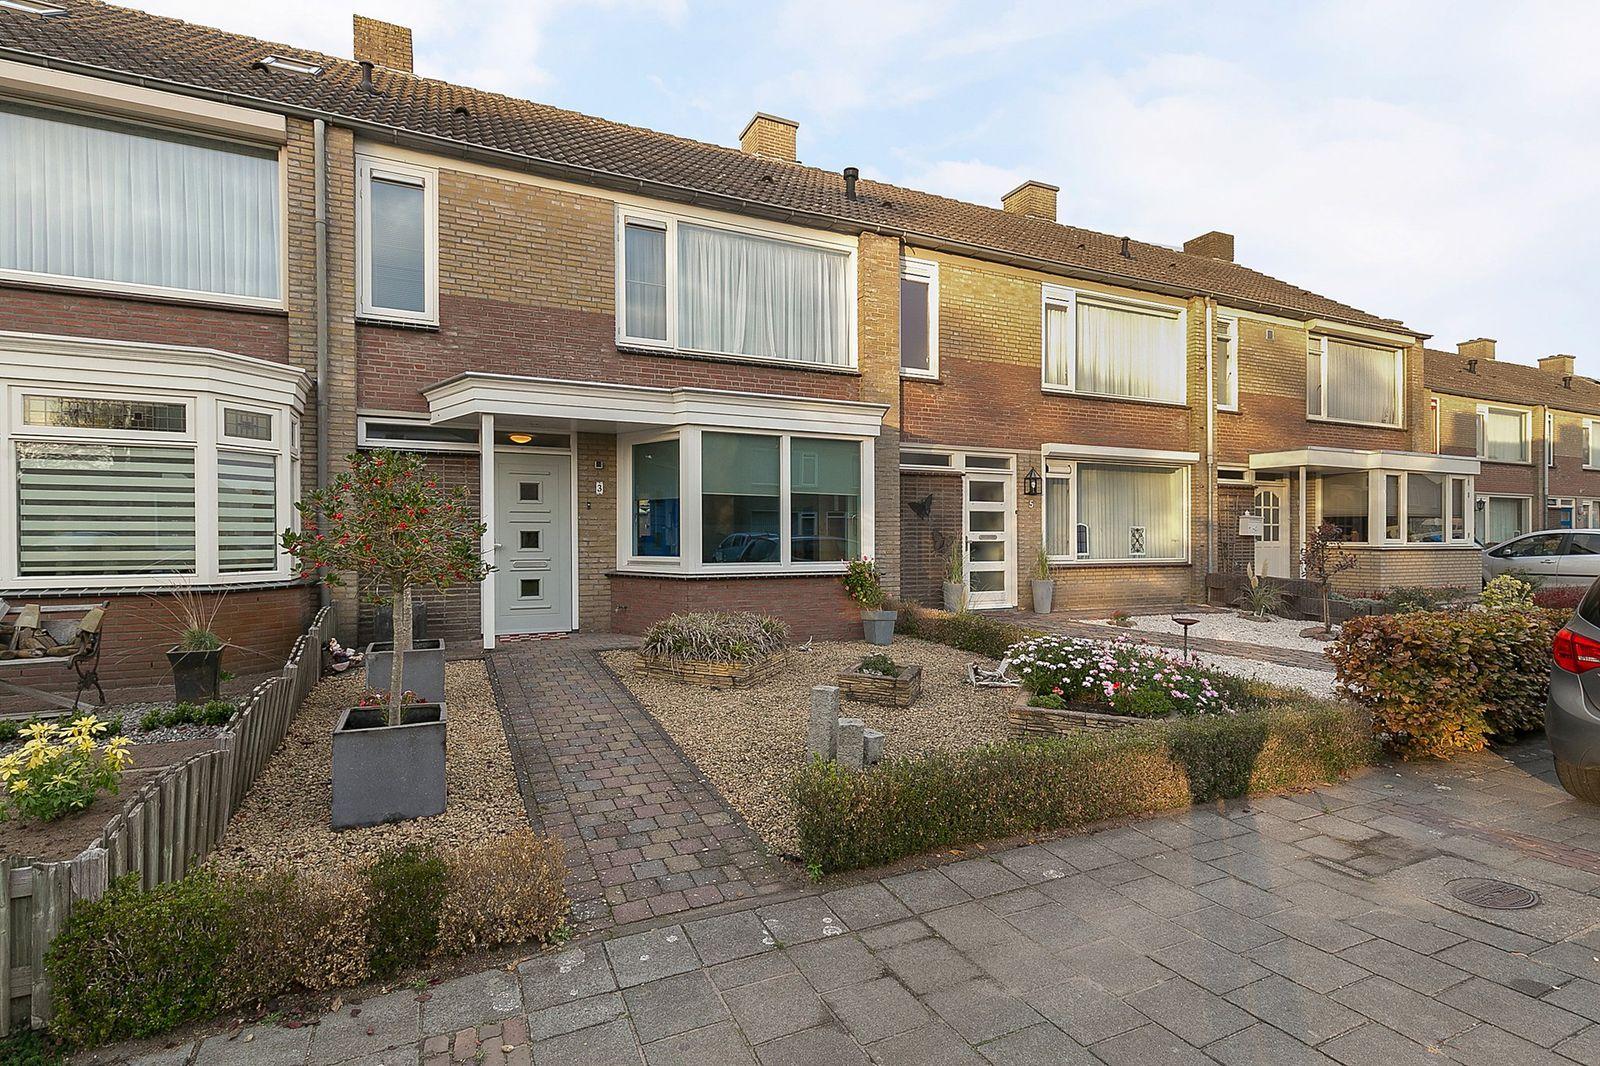 Doctor Poelsstraat 3, Geffen